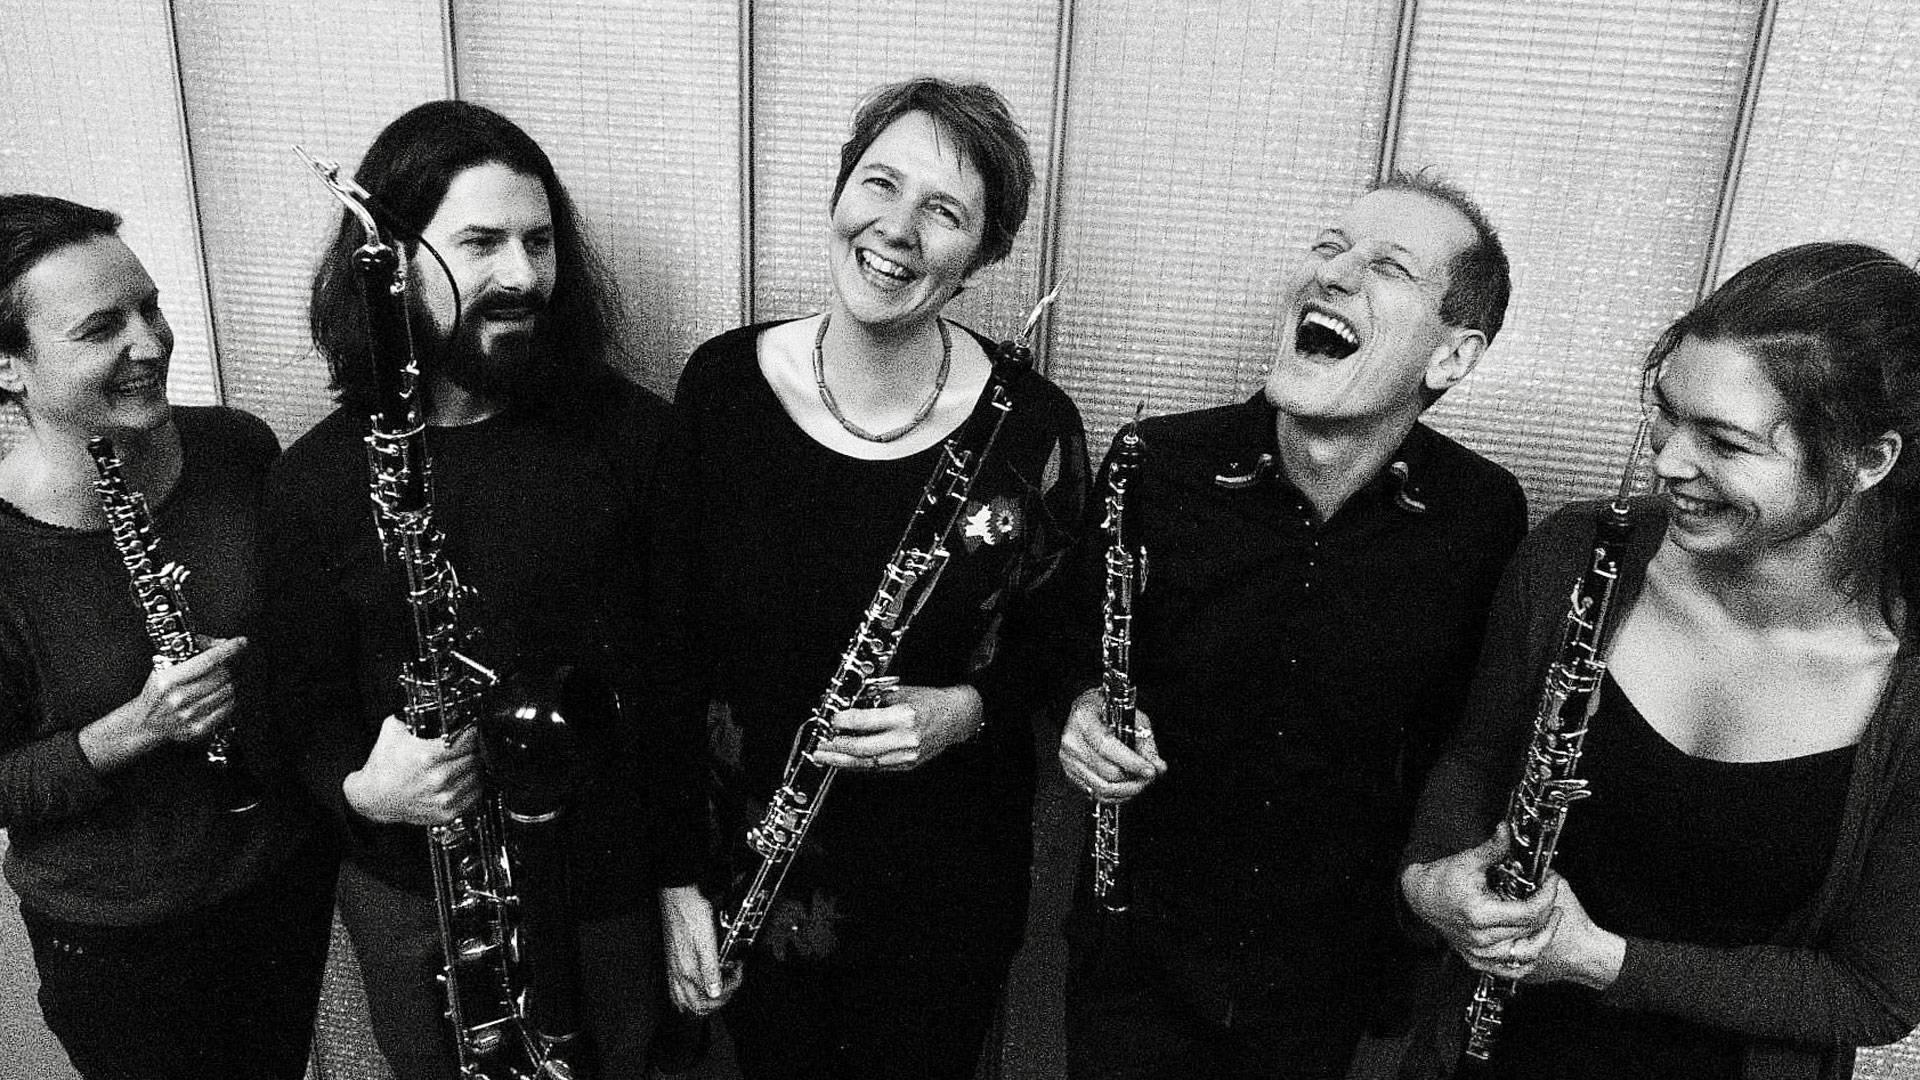 De gauche à droite: Valentine Collet, Martin Bliggenstorfer, Béatrice Zawodnik Matthias Arter, Béatrice Laplante © M-C Delprat